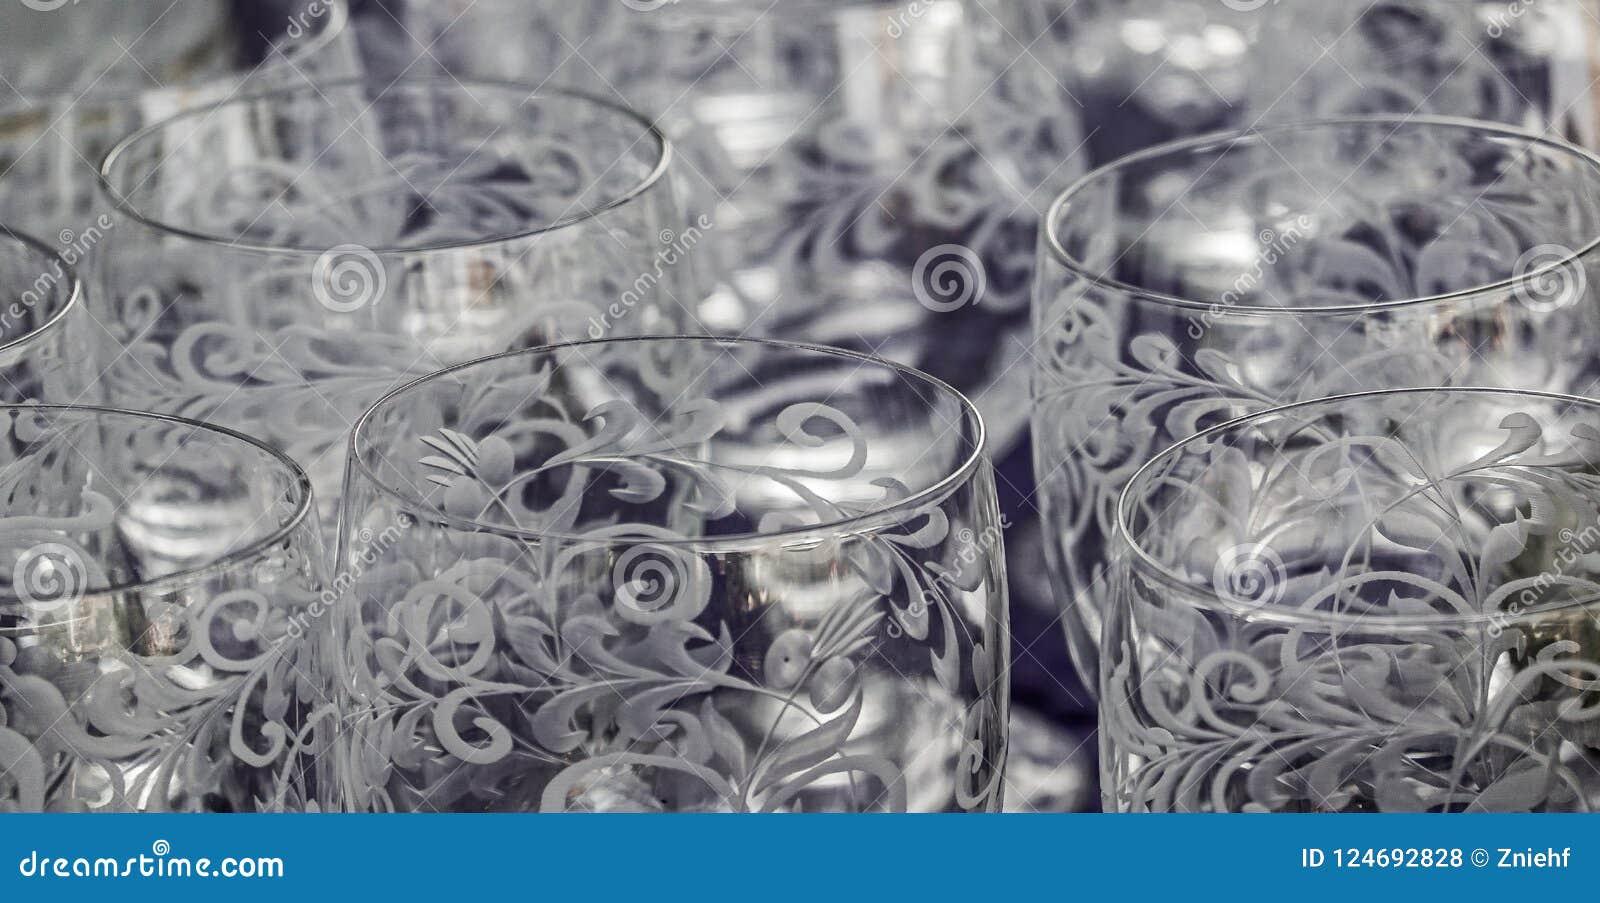 Plan rapproché de coupe et verres à boire sans couleur cisiliated avec les modèles abstraits